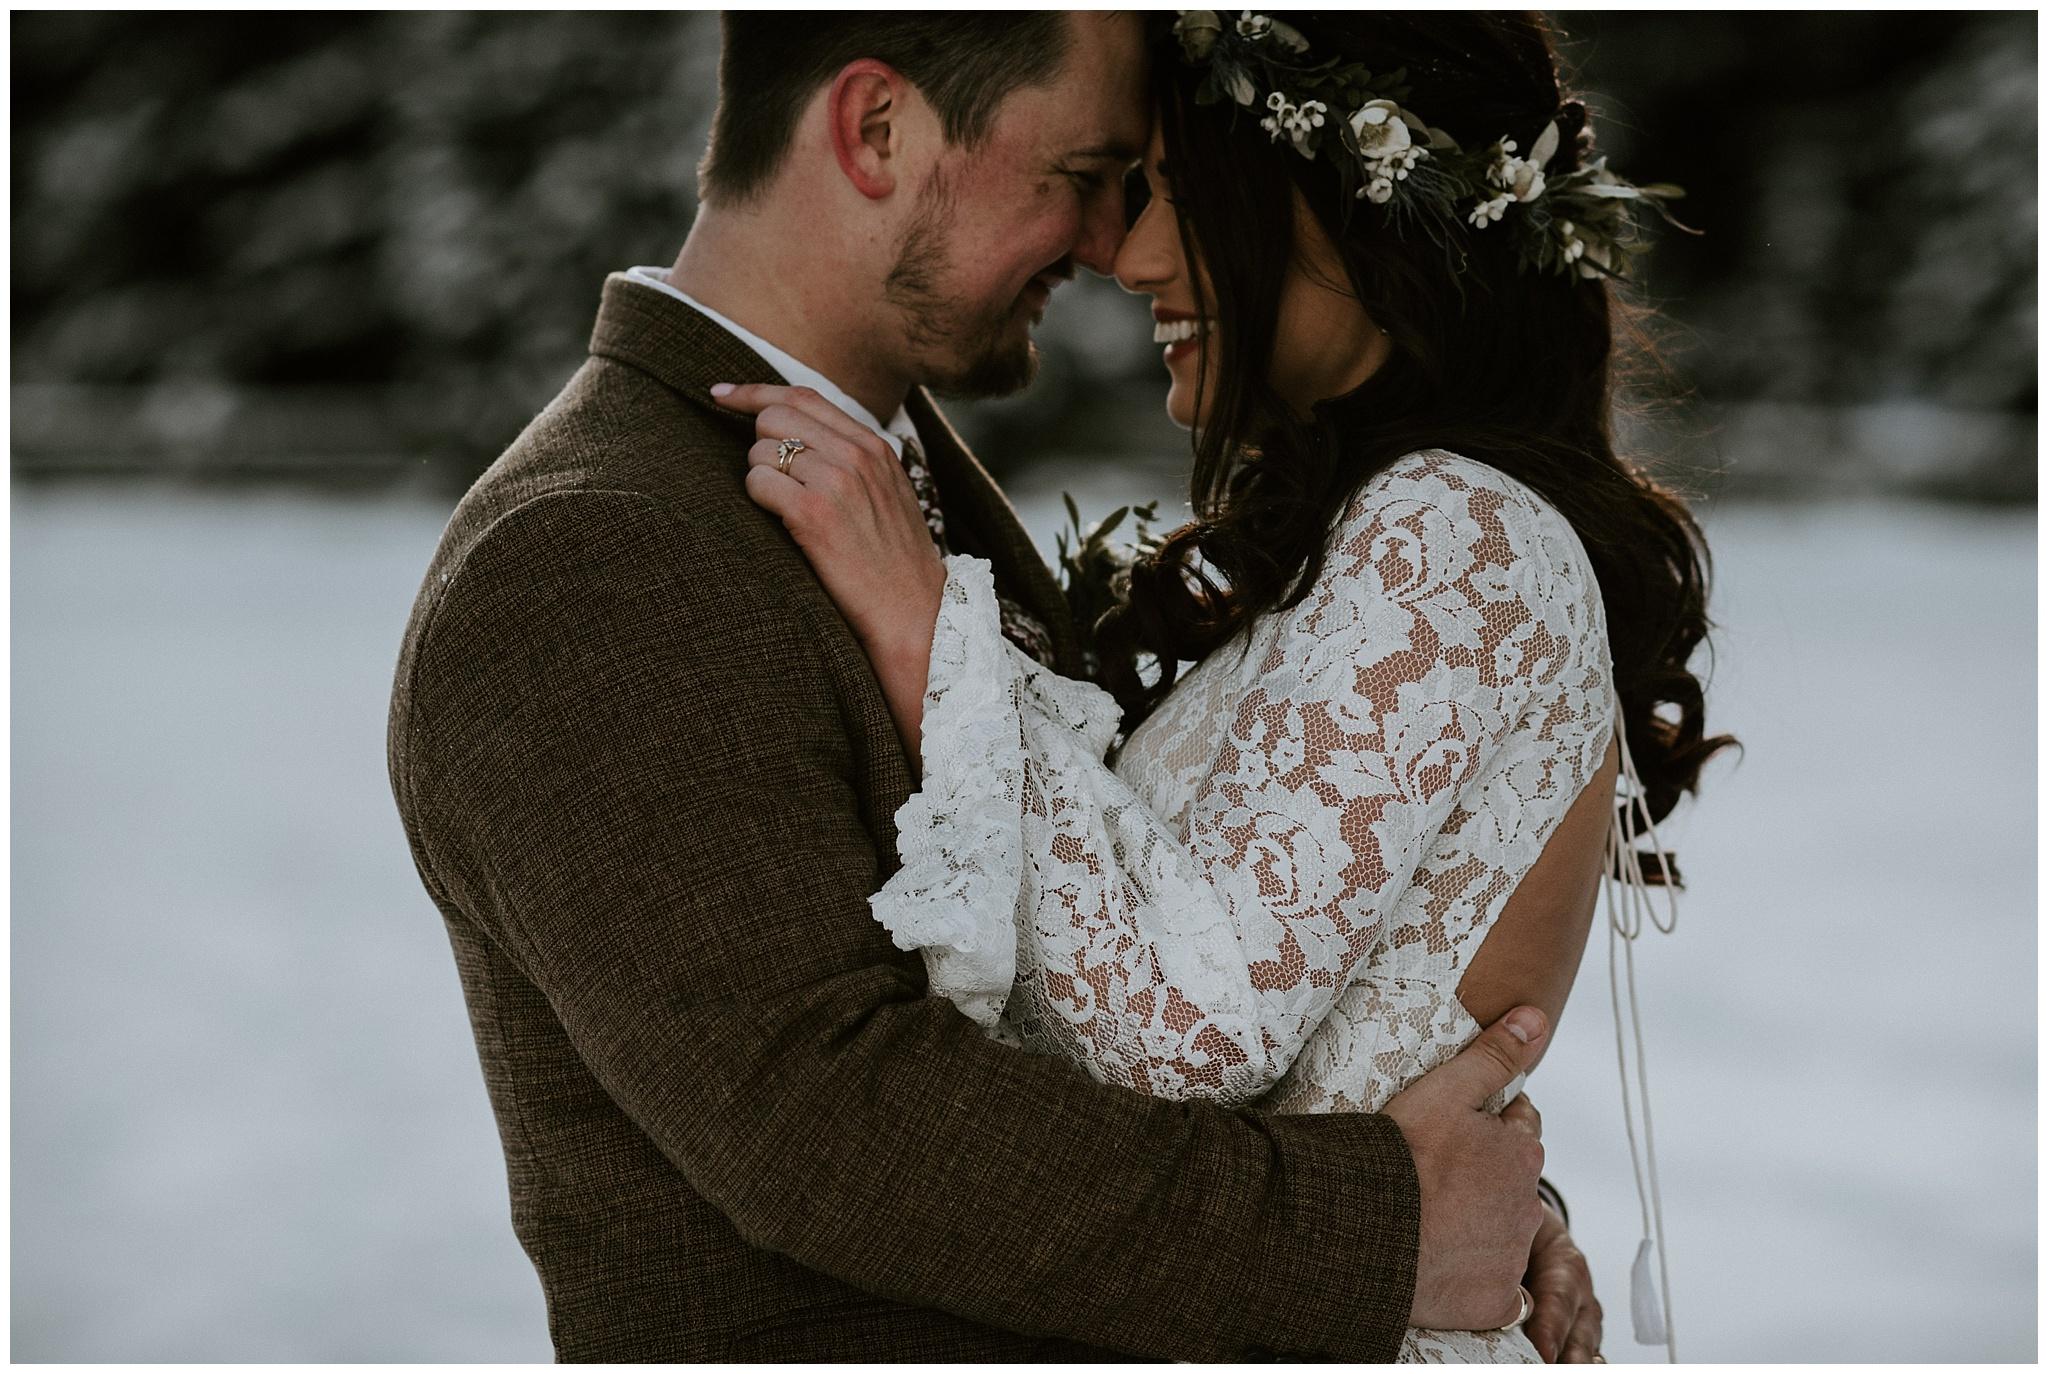 peyto-lake-wedding-photos-43.JPG